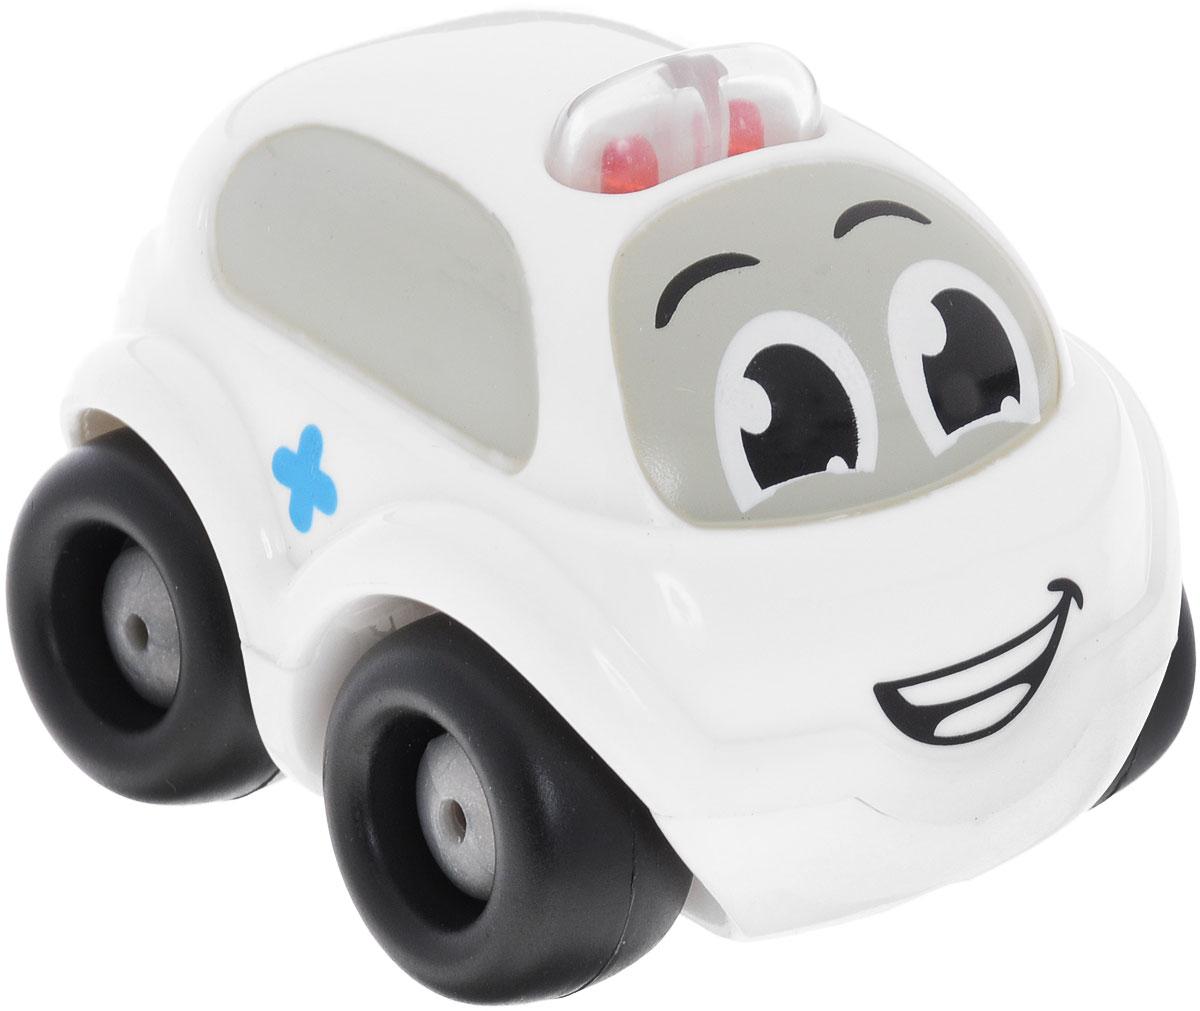 Smoby Электронная мини-машинка цвет белый750029Внимание! Возможно проглатывание мелких деталей.Пользоваться только под непосредственным контролем взрослых с соблюдением необходимой предосторожности. Не обеспечивает защиты при несчастном случае.